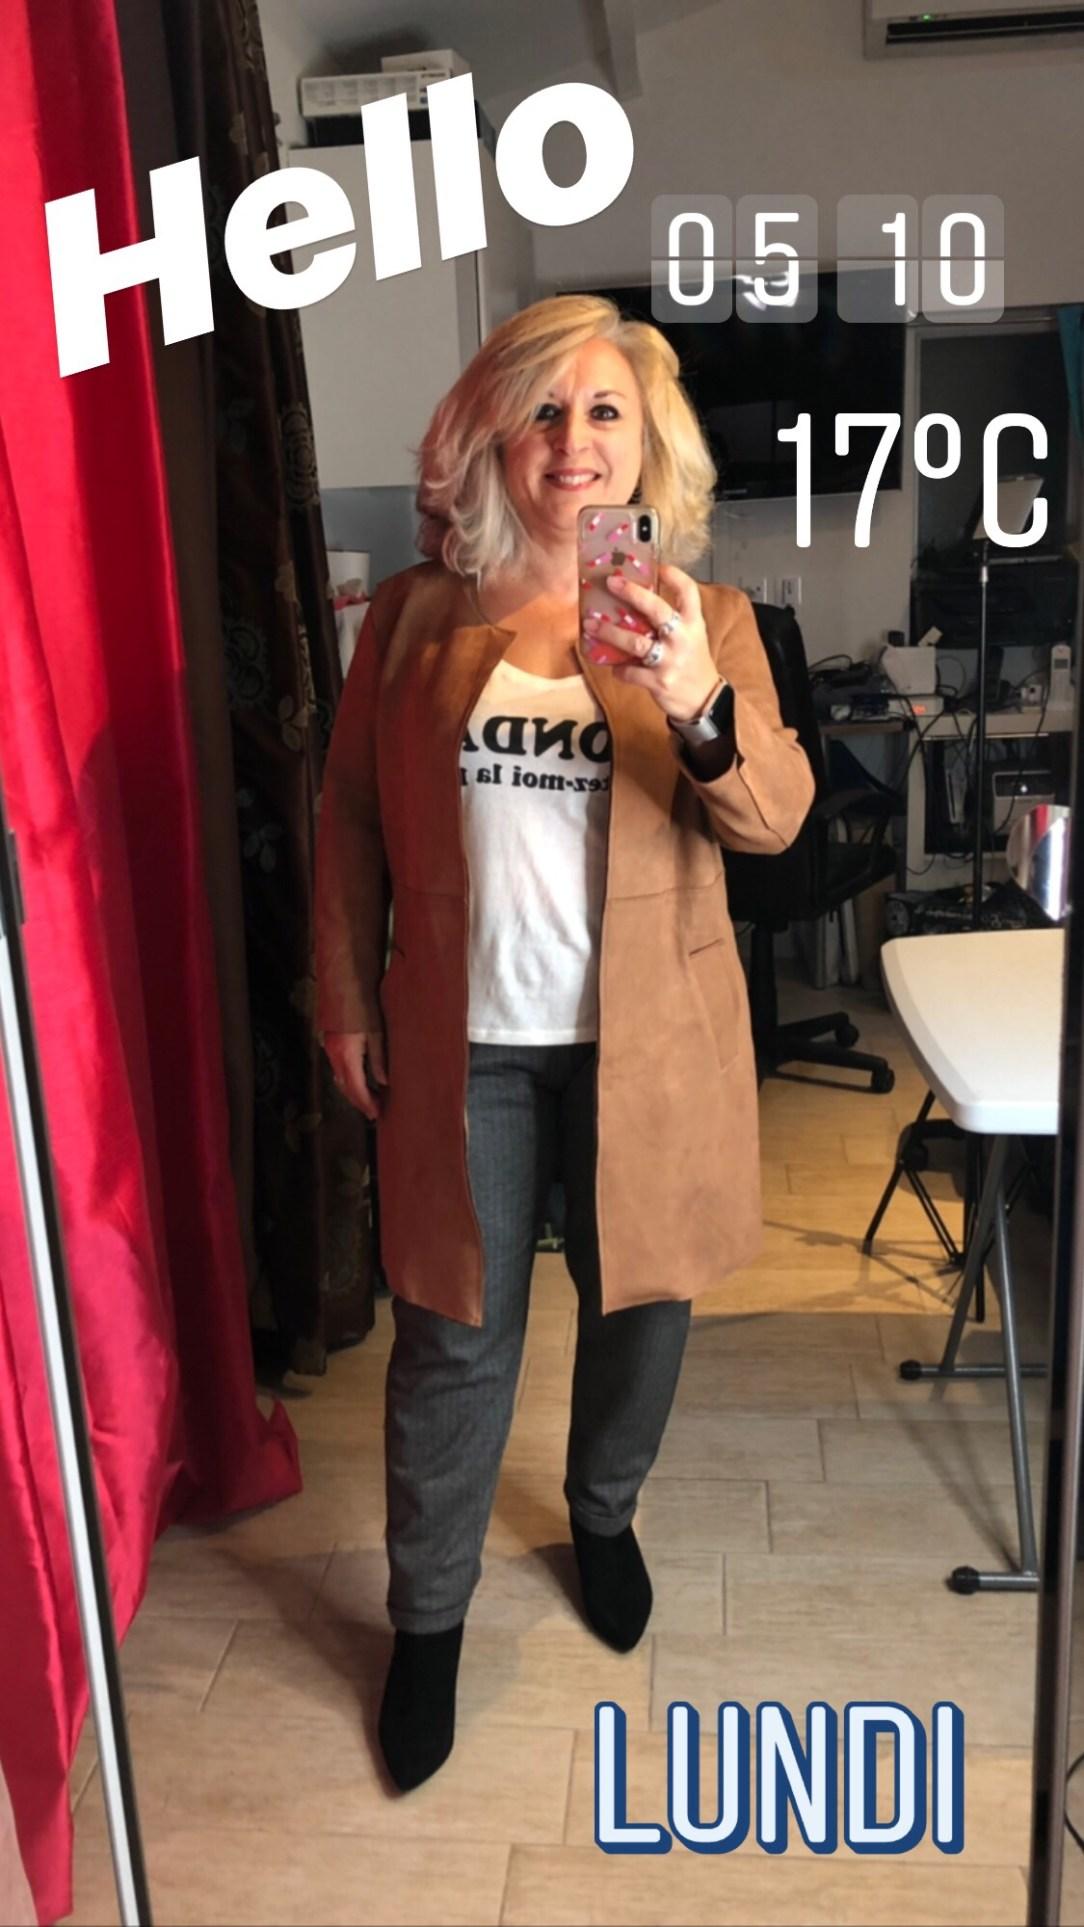 Idée look, Fashion, 50 ans, quinqua, mode, tendances, Teambeautesmajuscules, look, inspiration, Nadine, j'ai 50 ans et après, undiz, Blancheporte, Jennyfer,